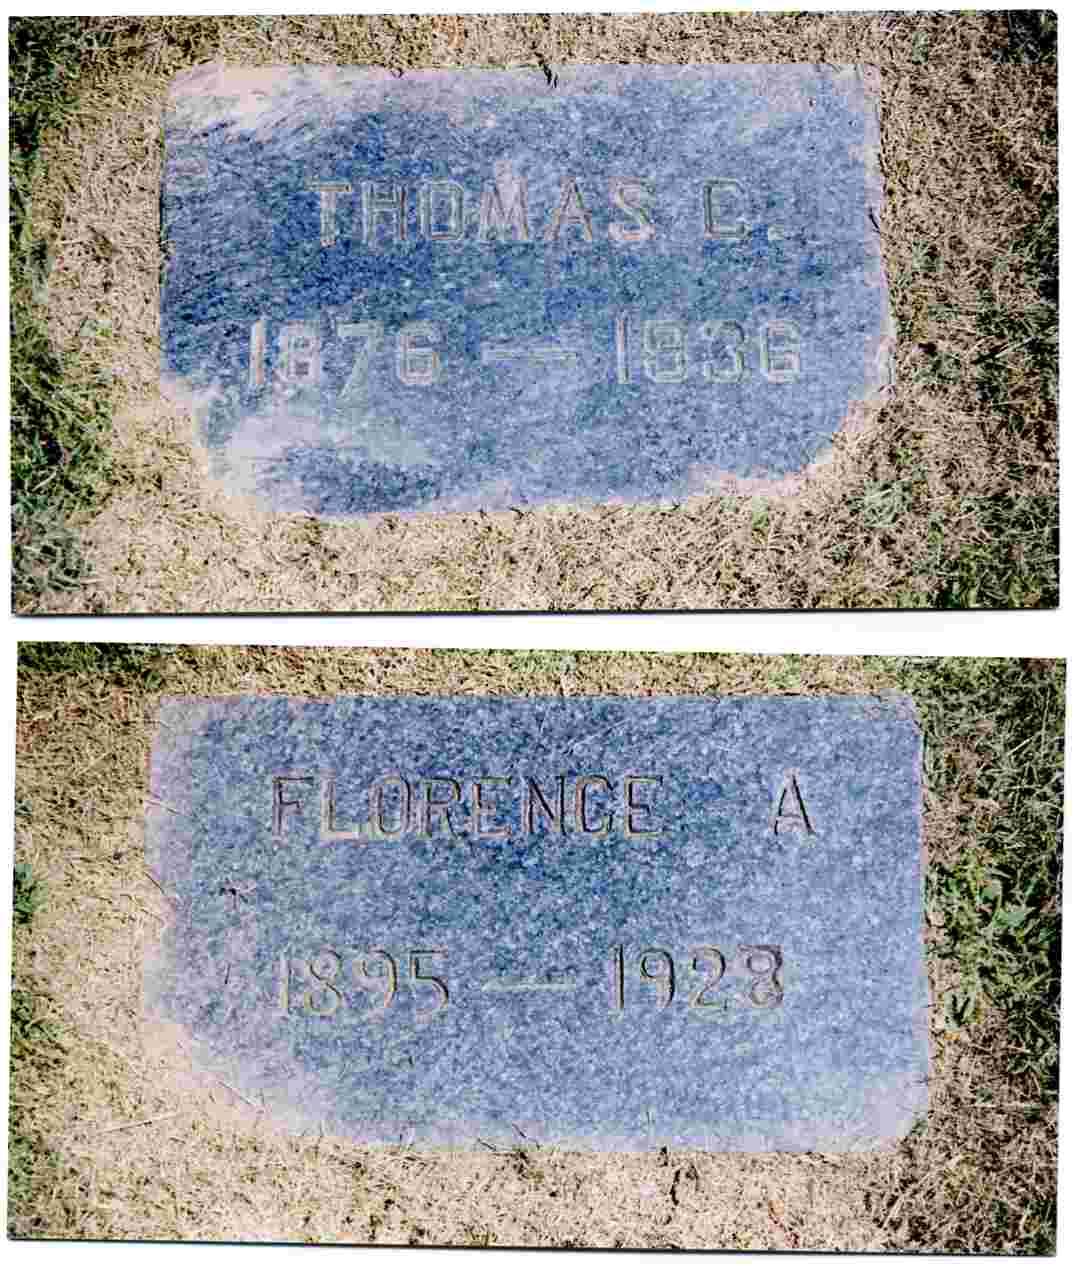 Dr Thomas Charles <i>(Garrett)</i> Lippman